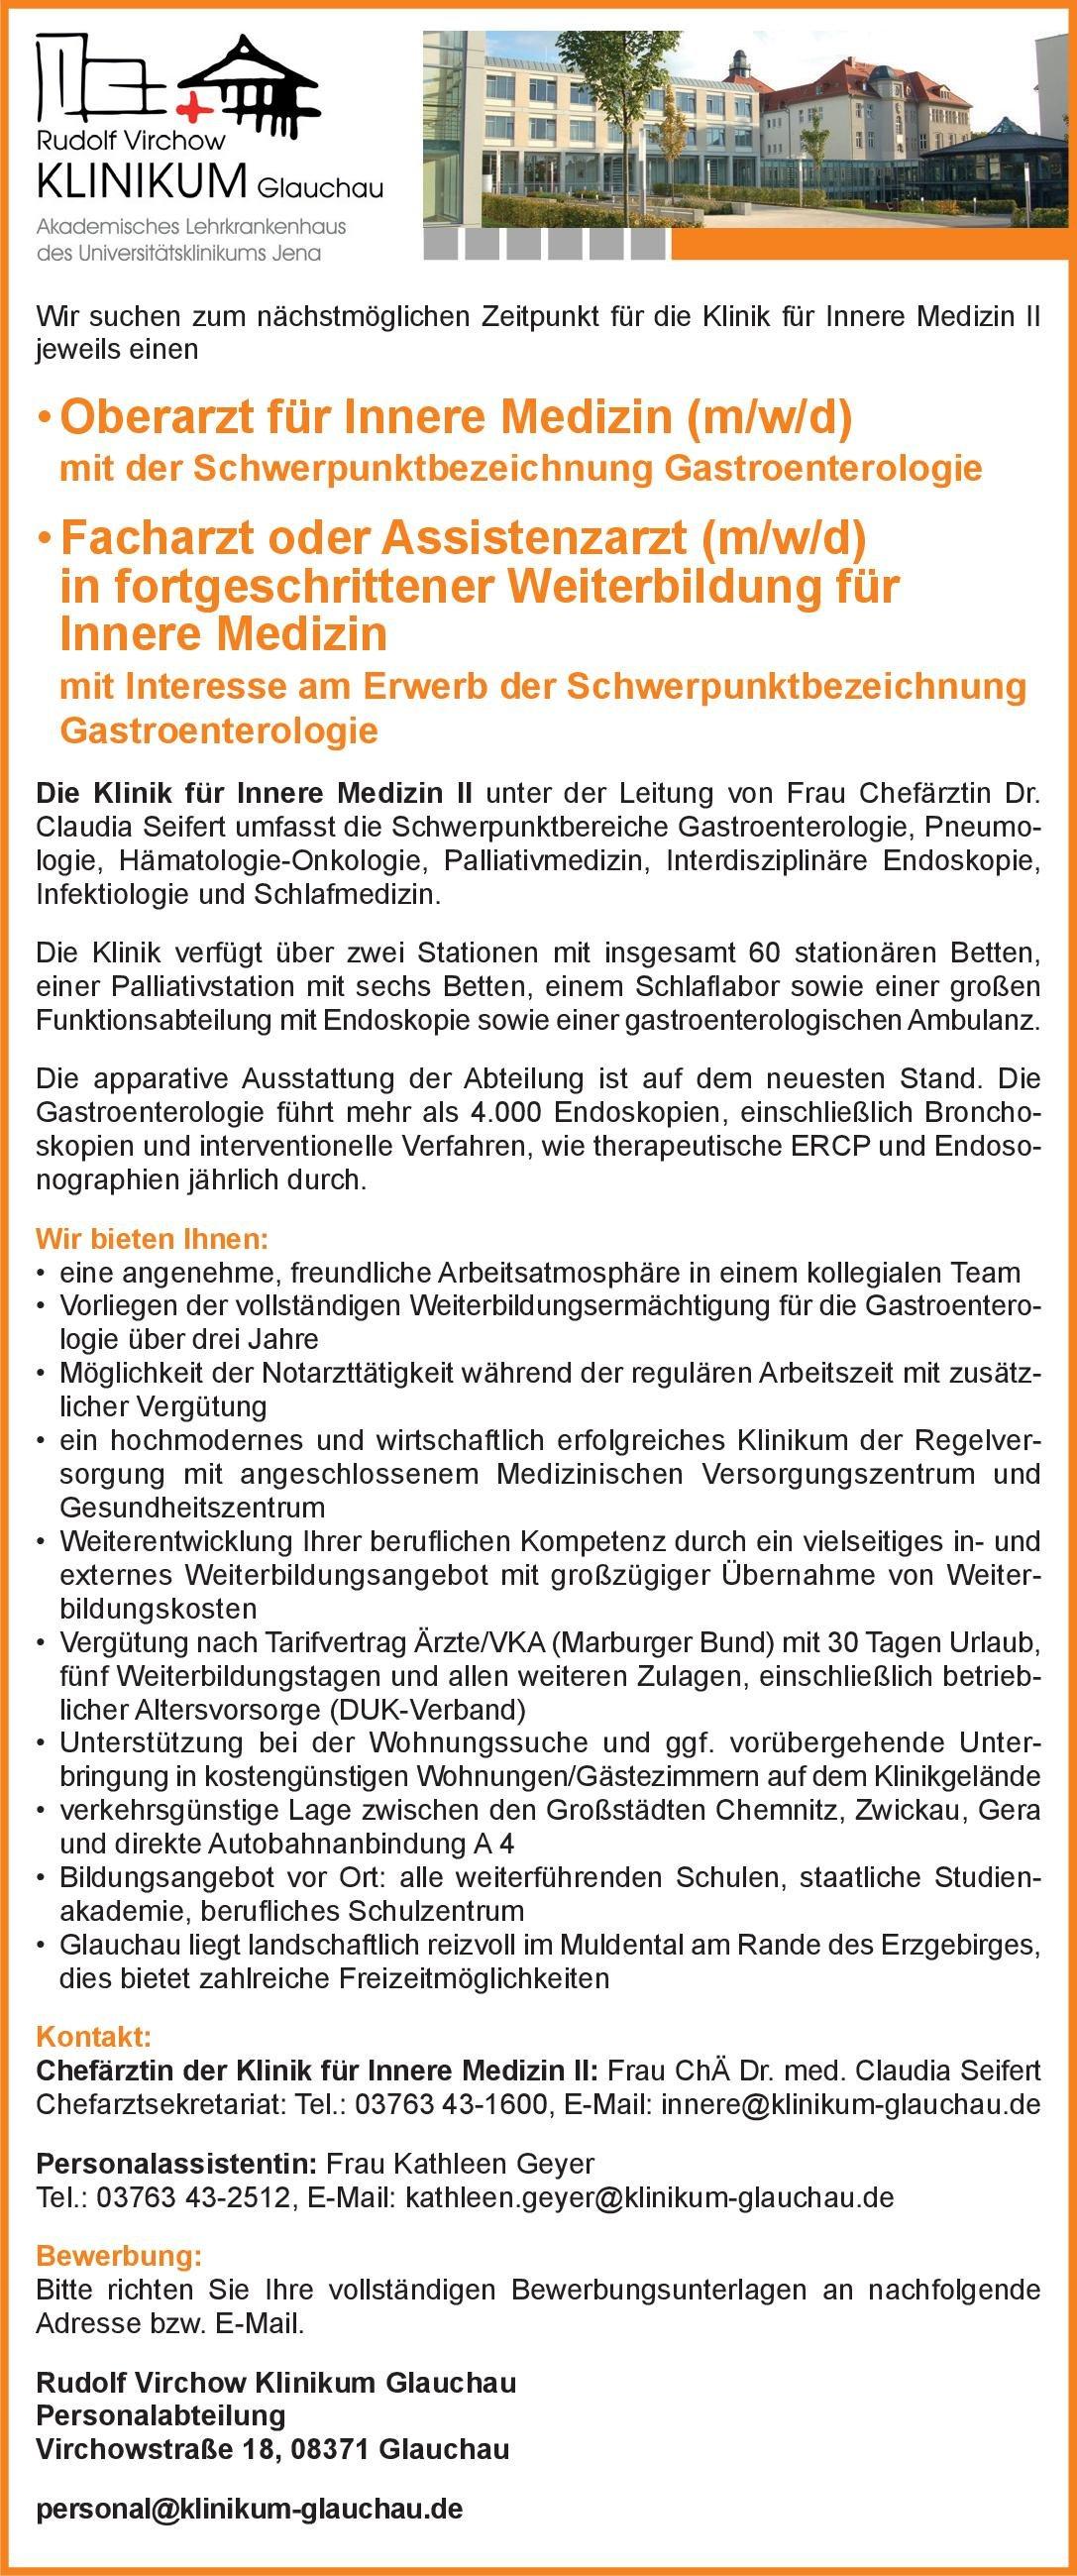 Rudolf Virchow Klinikum Glauchau Oberarzt für Innere Medizin (m/w/d) mit der Schwerpunktbezeichnung Gastroenterologie  Innere Medizin und Gastroenterologie, Innere Medizin Oberarzt